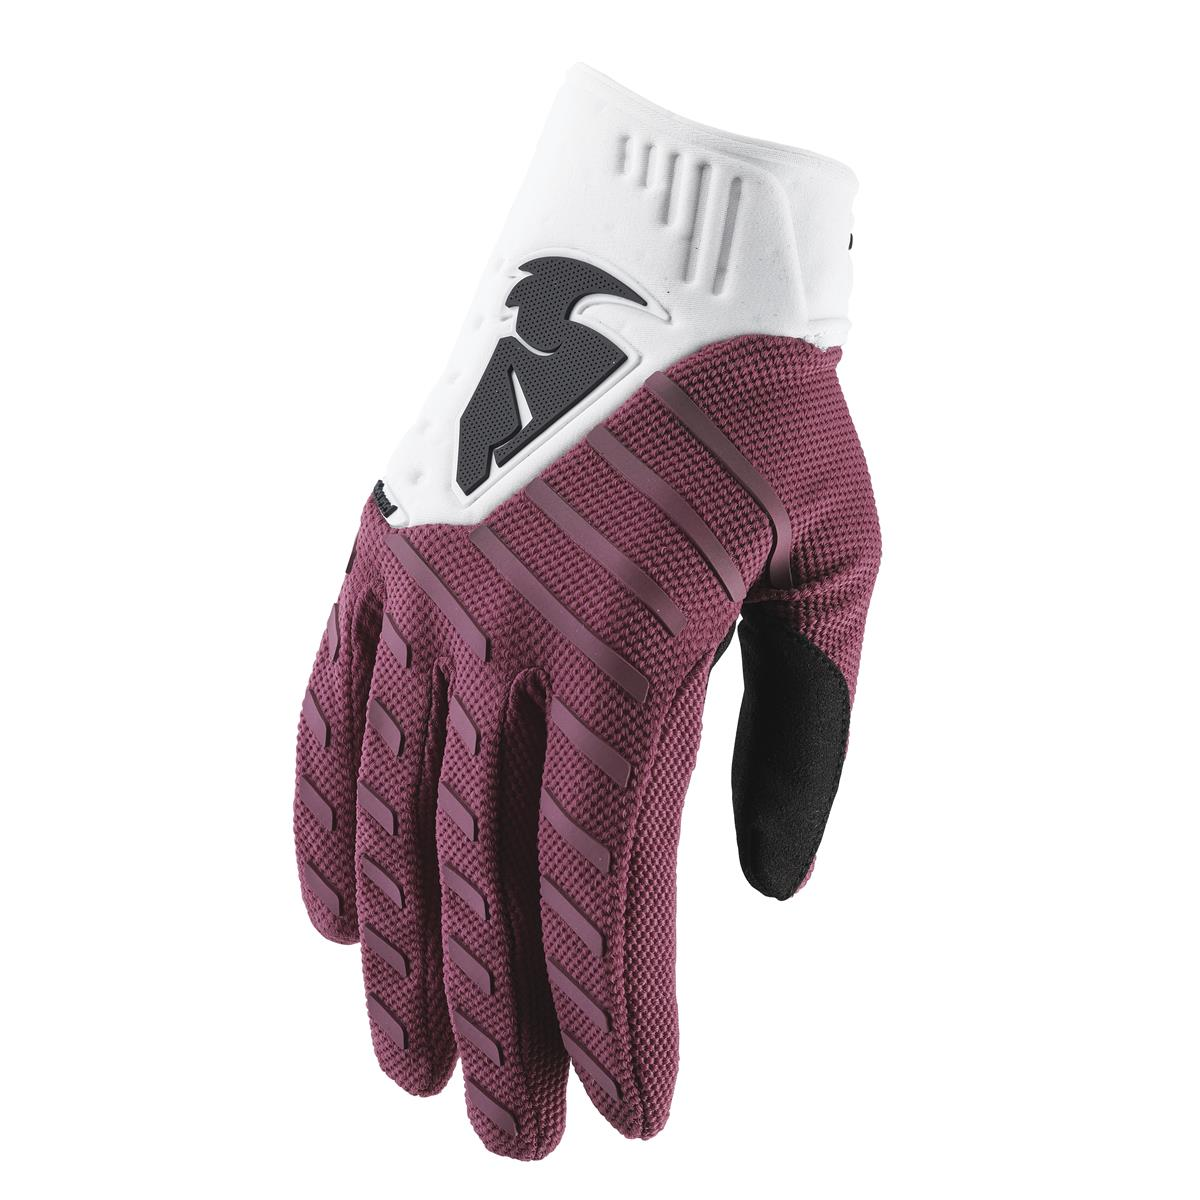 Thor Handschuhe Rebound Maroon/Weiß